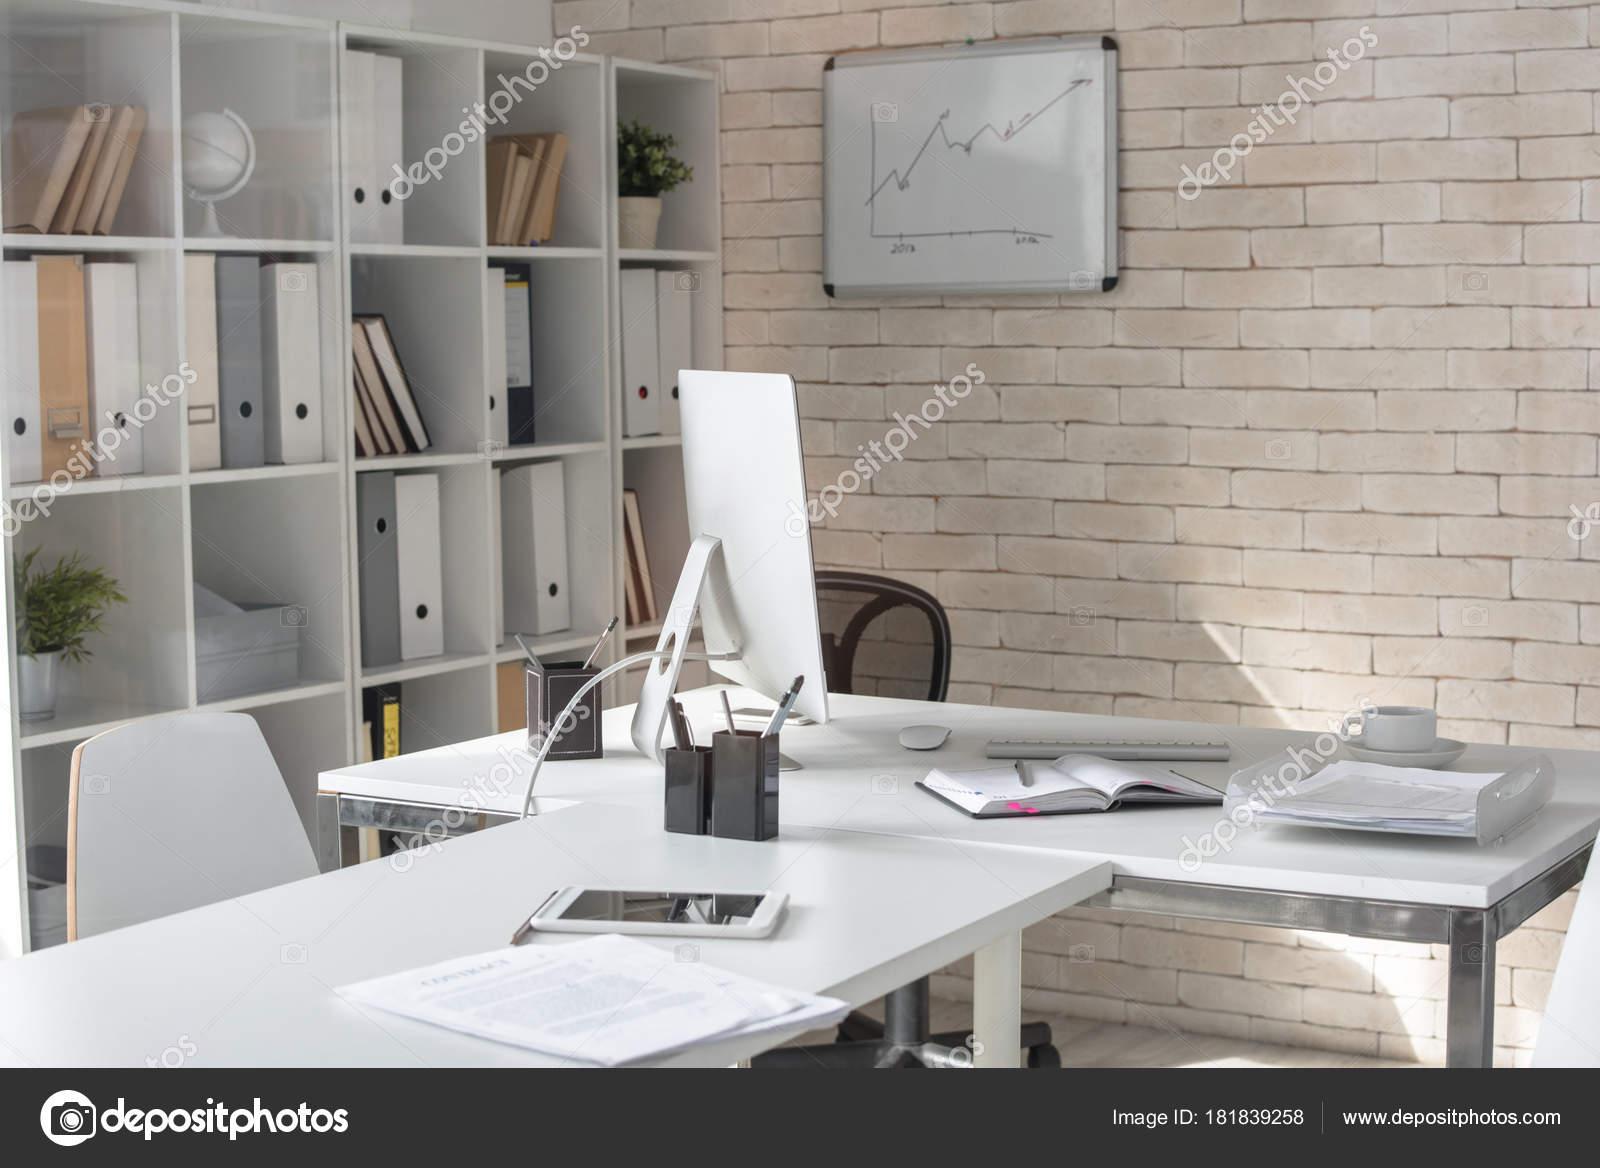 Image arrière plan bureau moderne vide dans couleur blanche avec